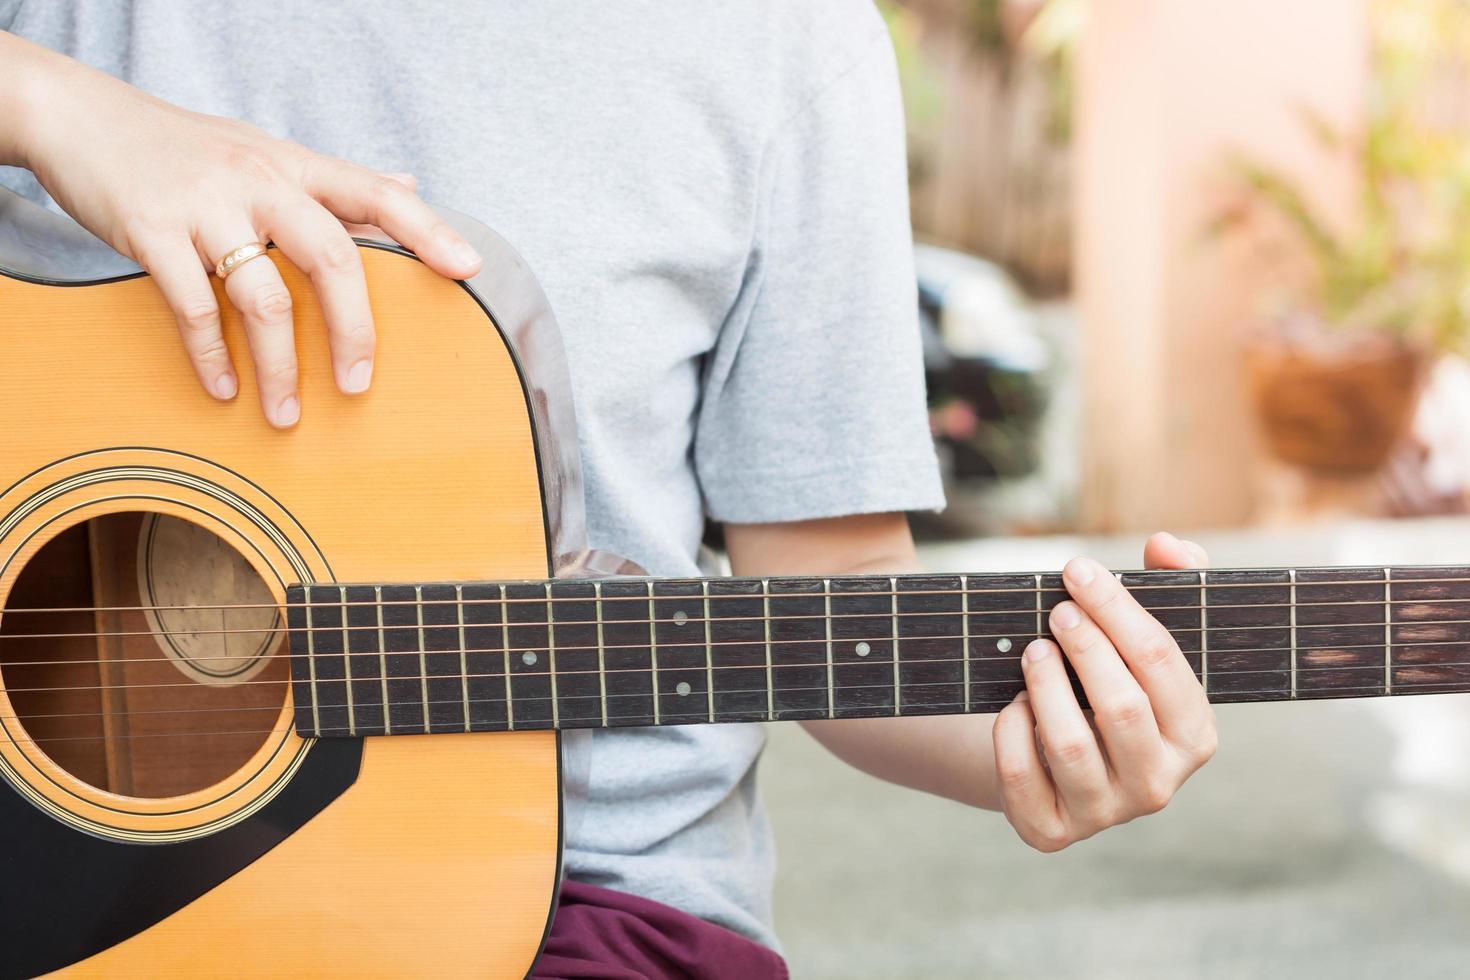 persona che suona una chitarra foto